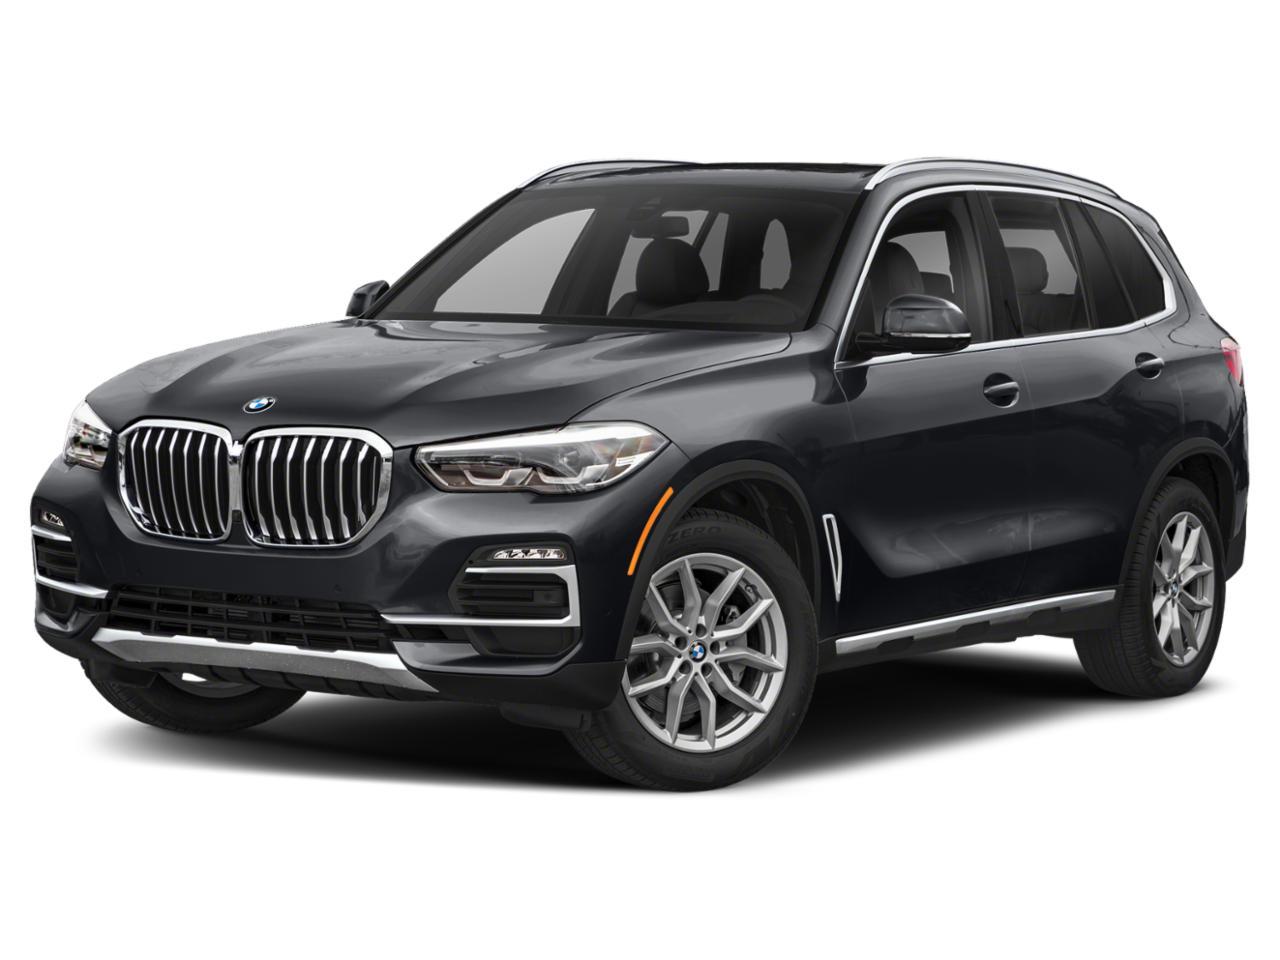 2020 BMW X5 xDrive40i Vehicle Photo in Appleton, WI 54913